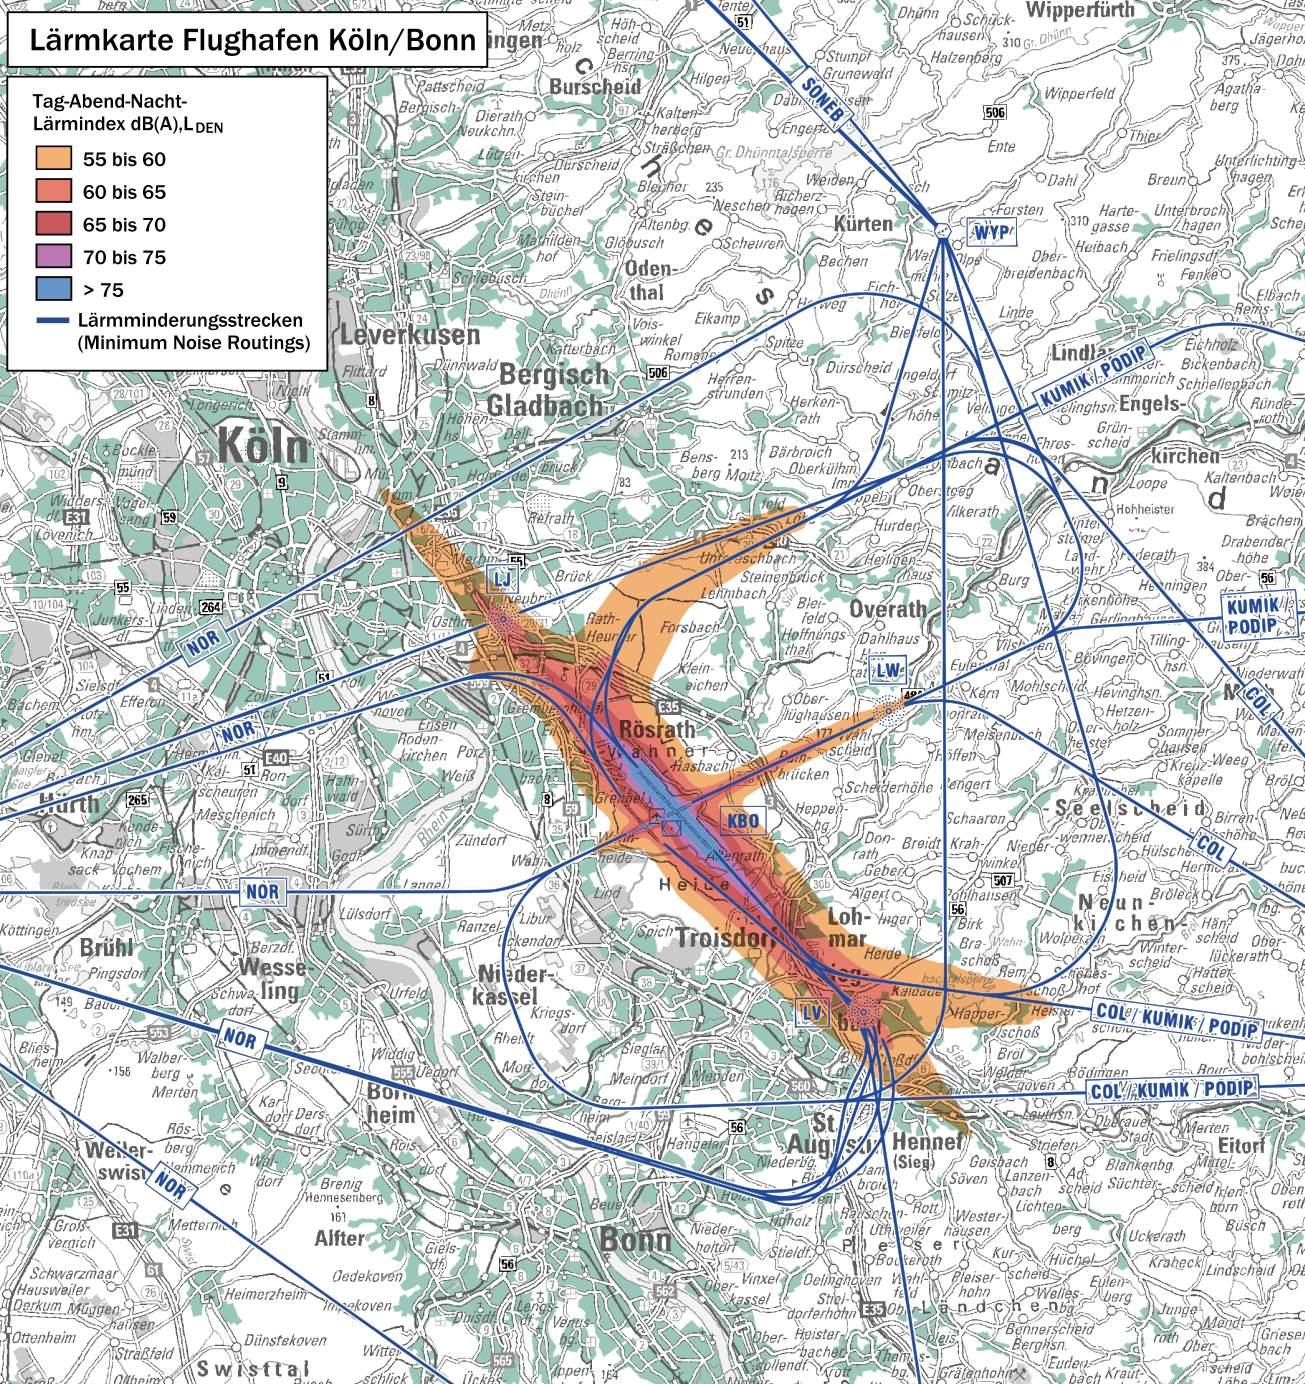 Lärmkarte Flughafen Köln Bonn